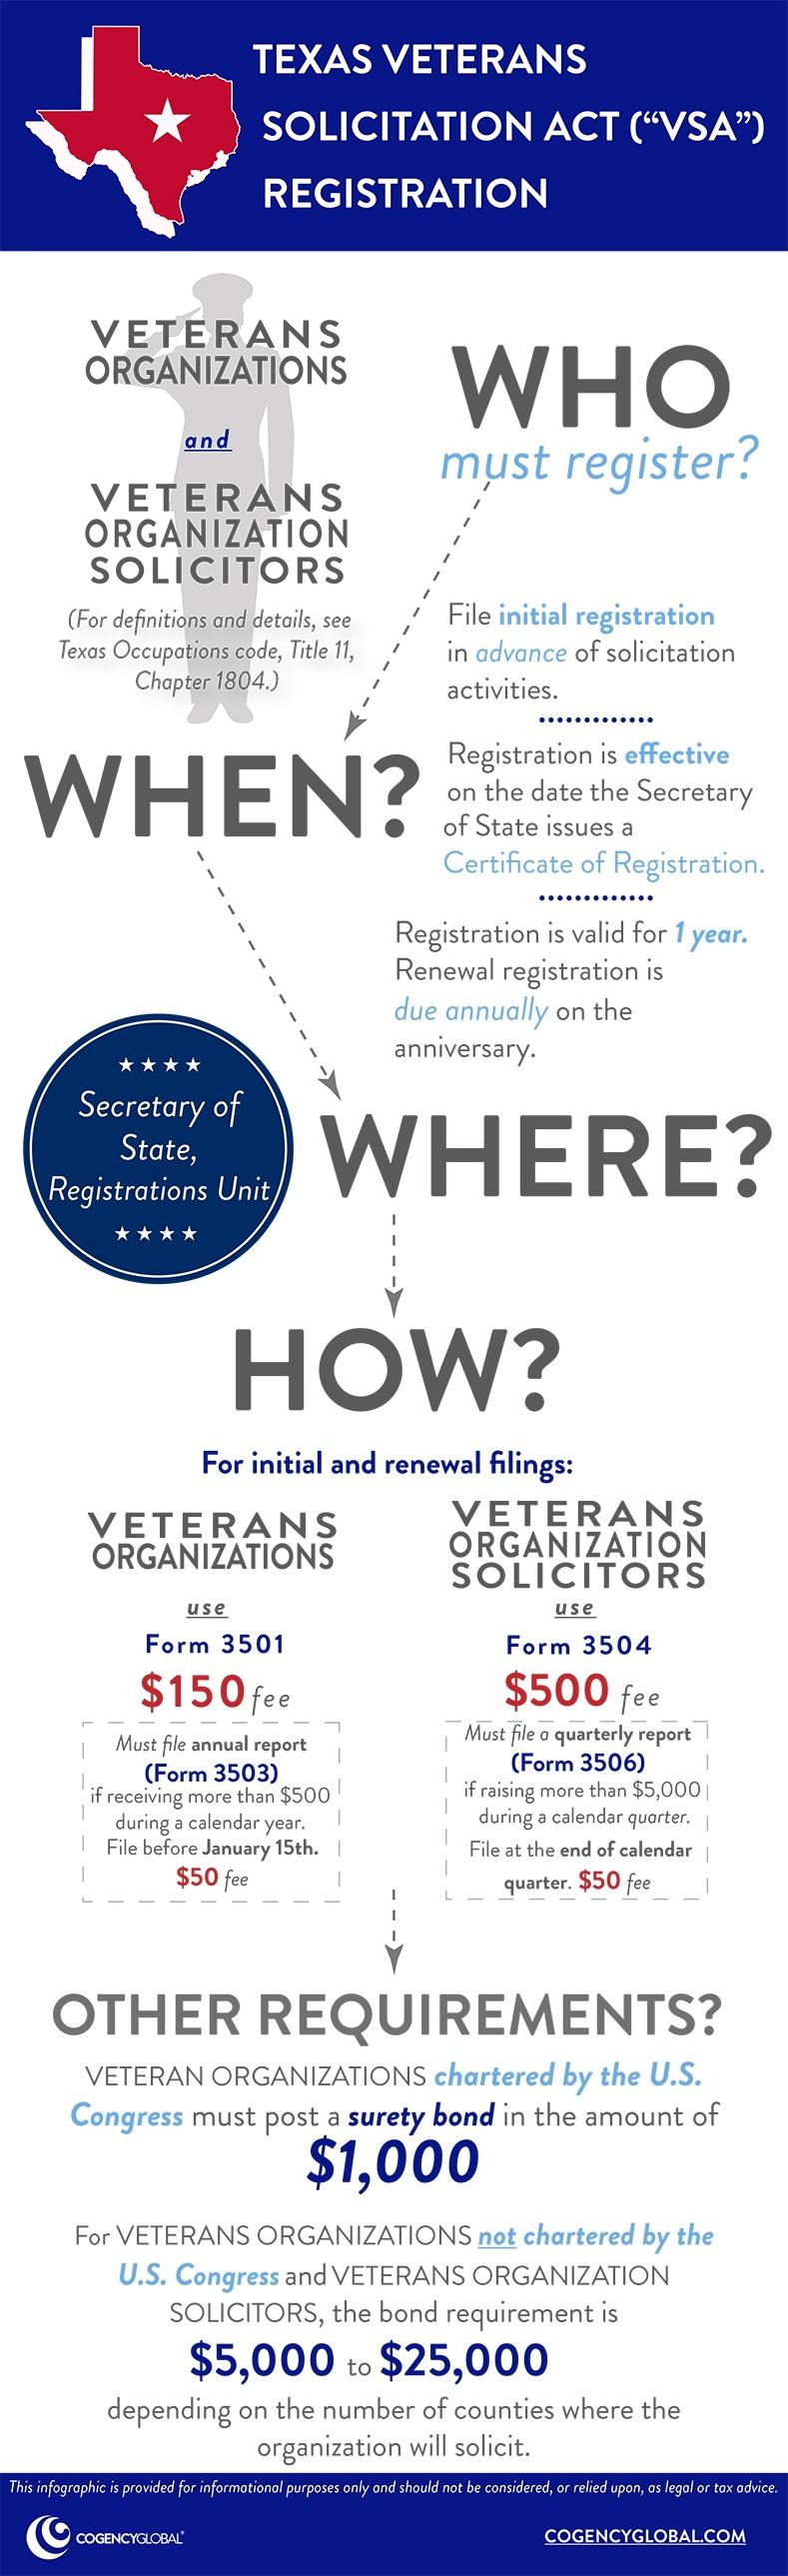 Texas Veterans Solicitation (VSA) Act Registration